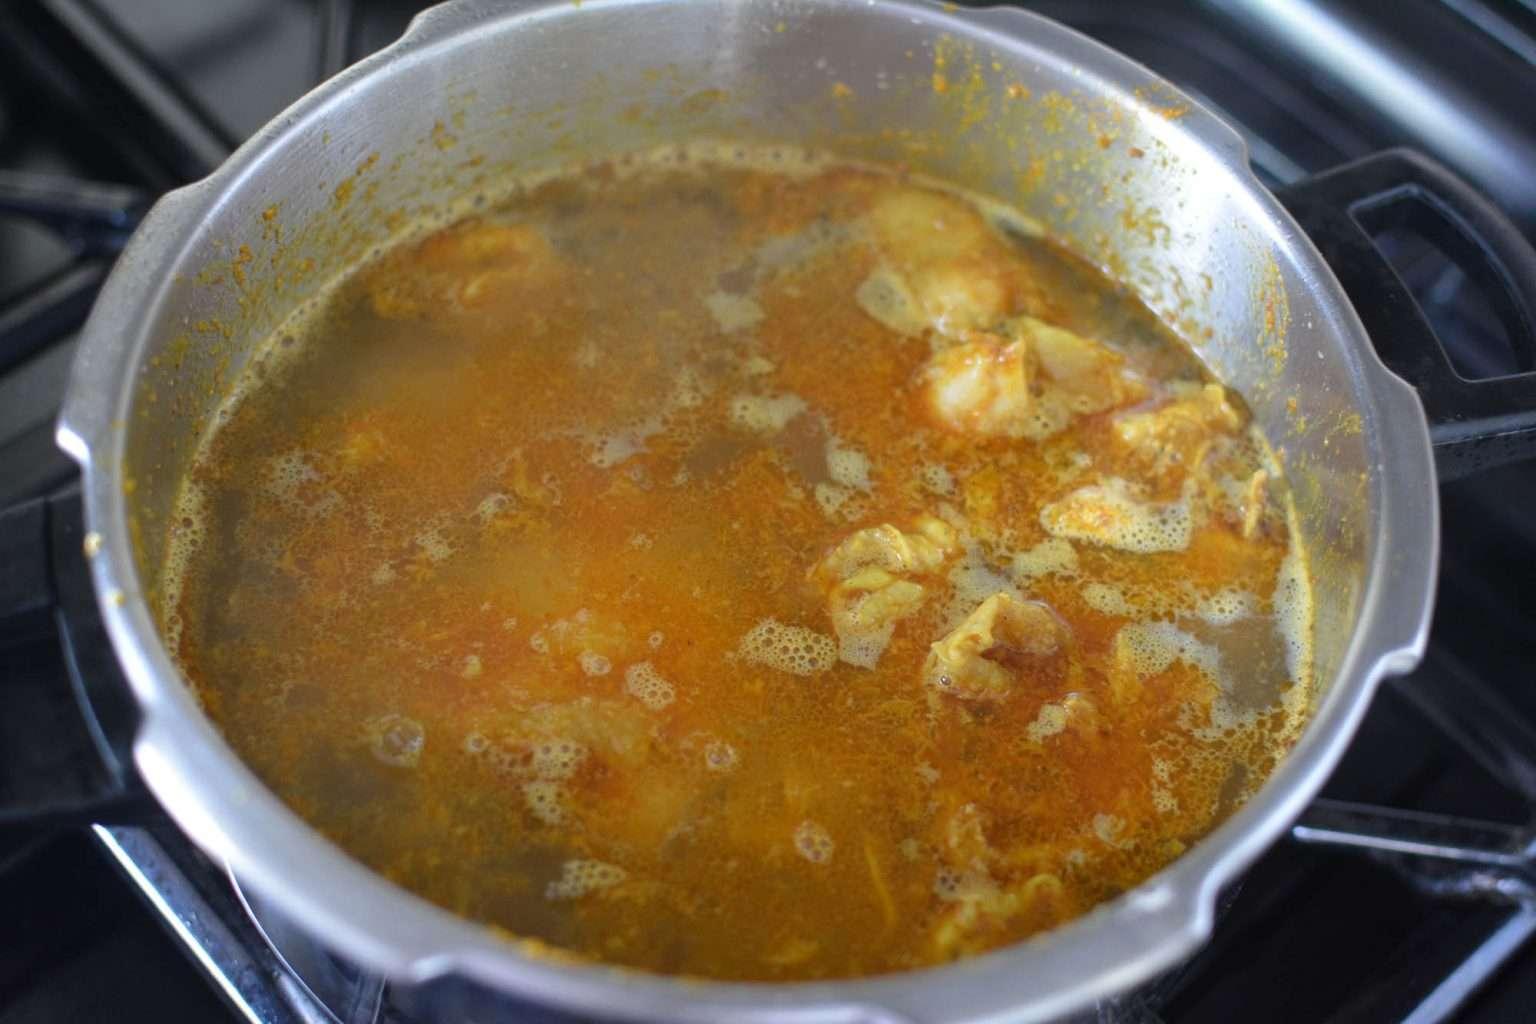 making-sanyakhuna-process-3